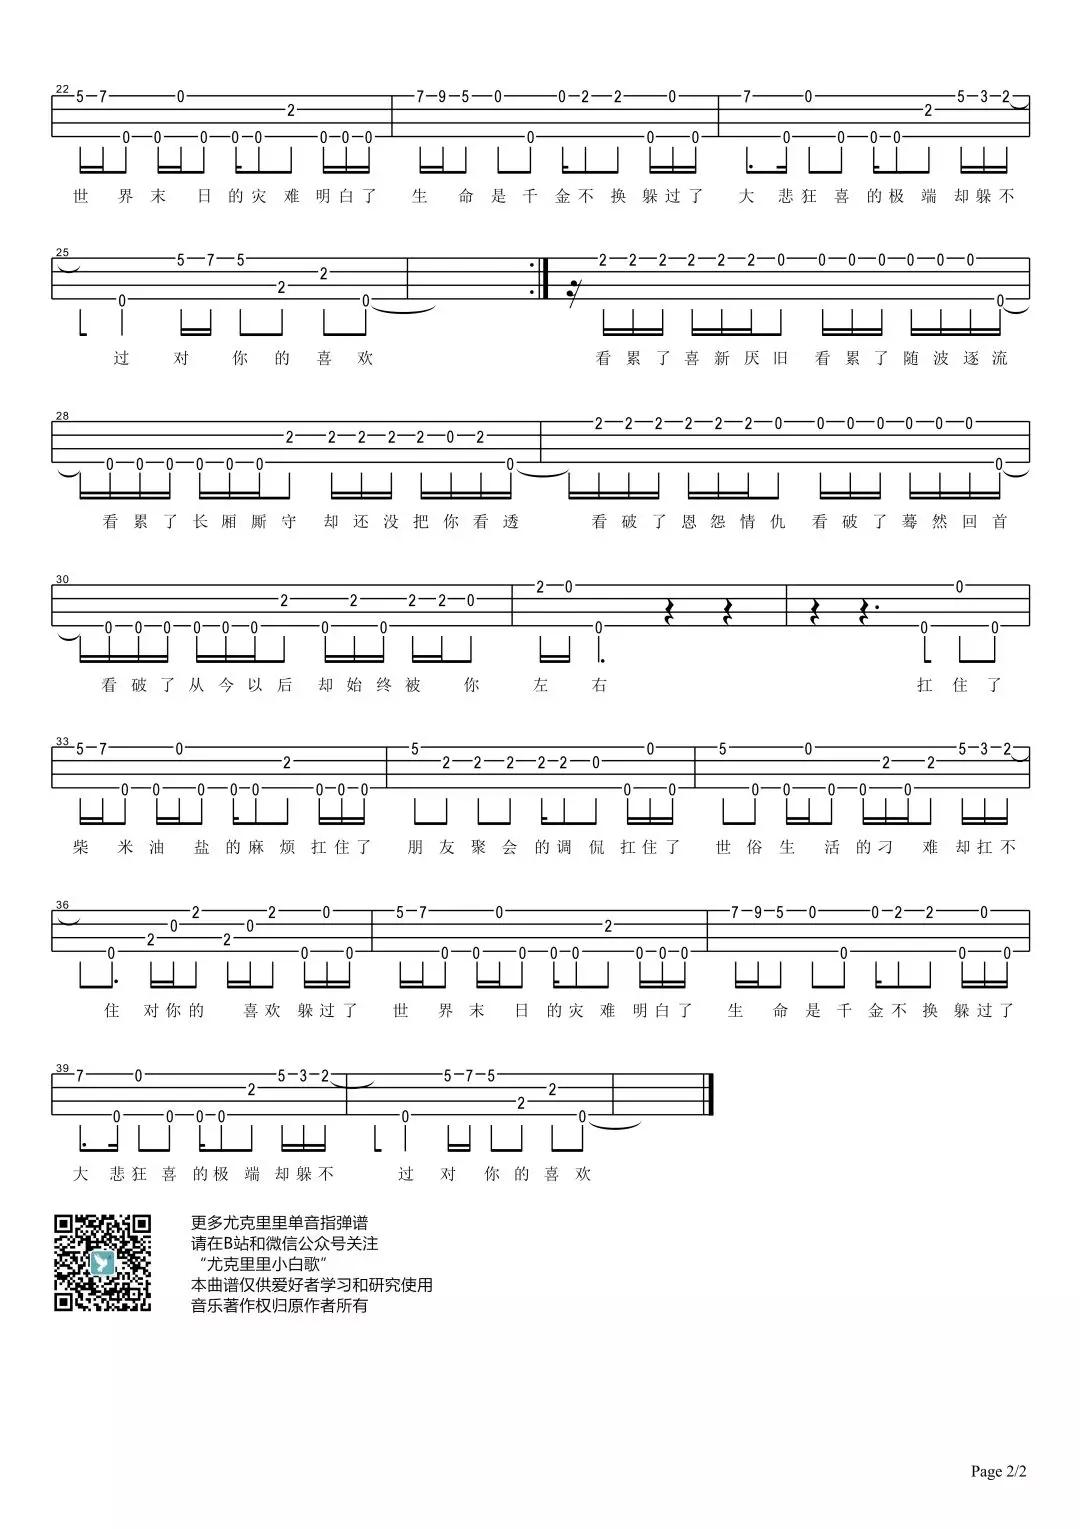 新手单音 阿肆「喜欢」&张悬「喜欢」指弹谱-C大调音乐网